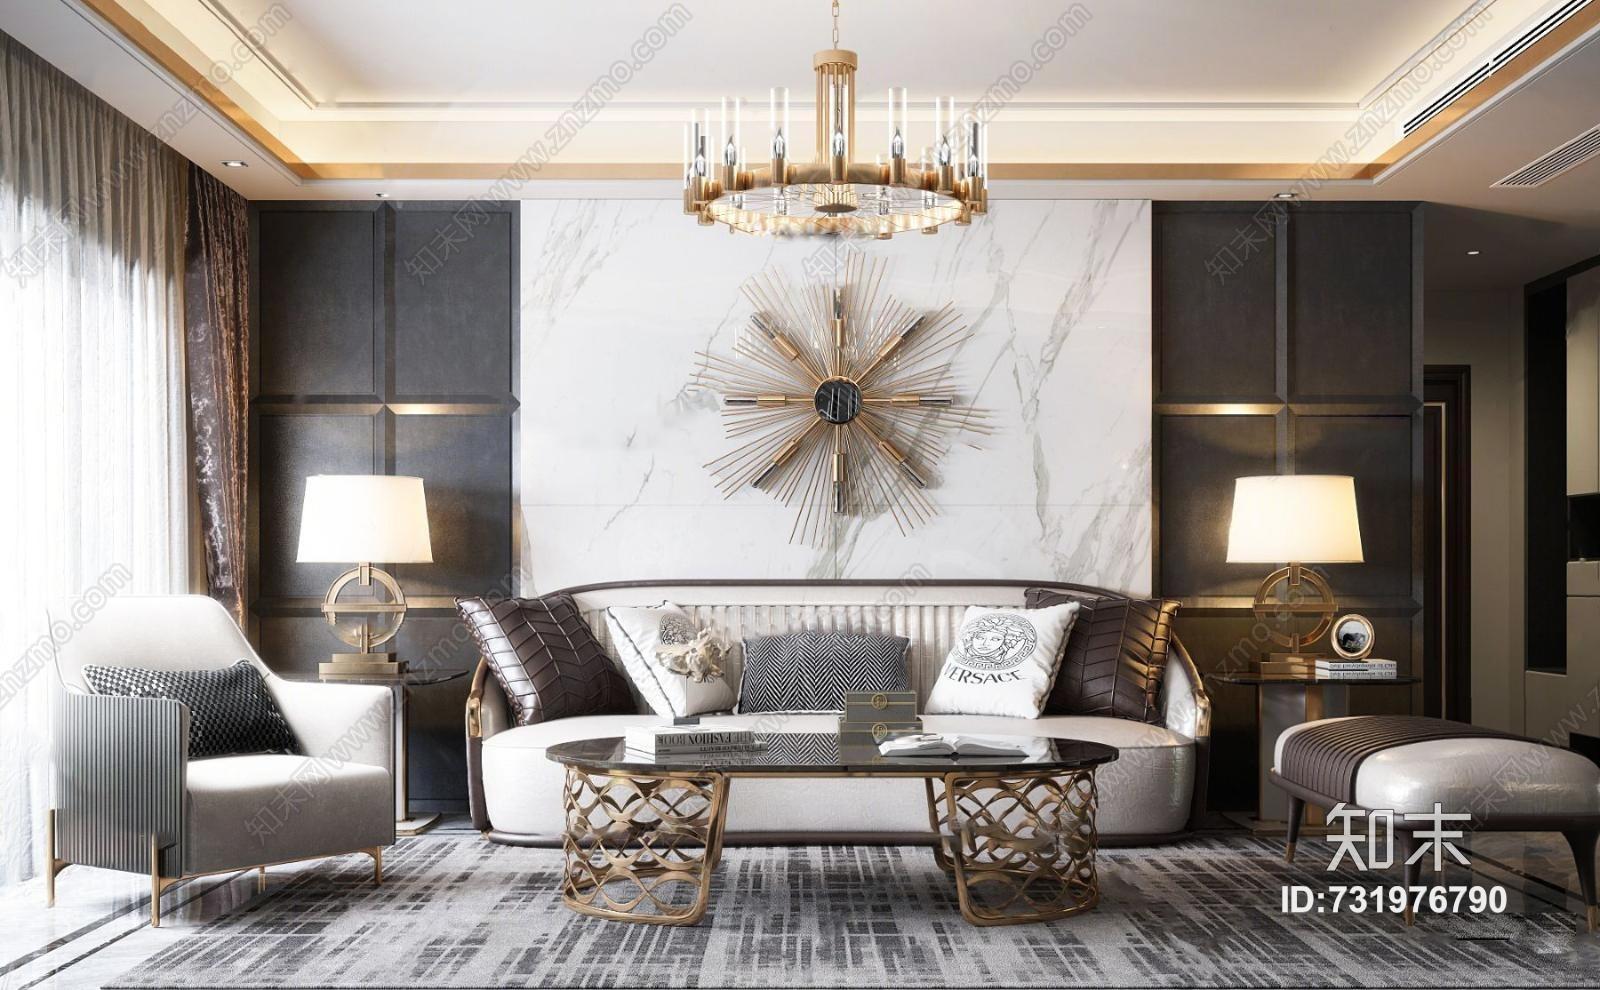 现代轻奢客厅 沙发茶几 吊灯 墙饰